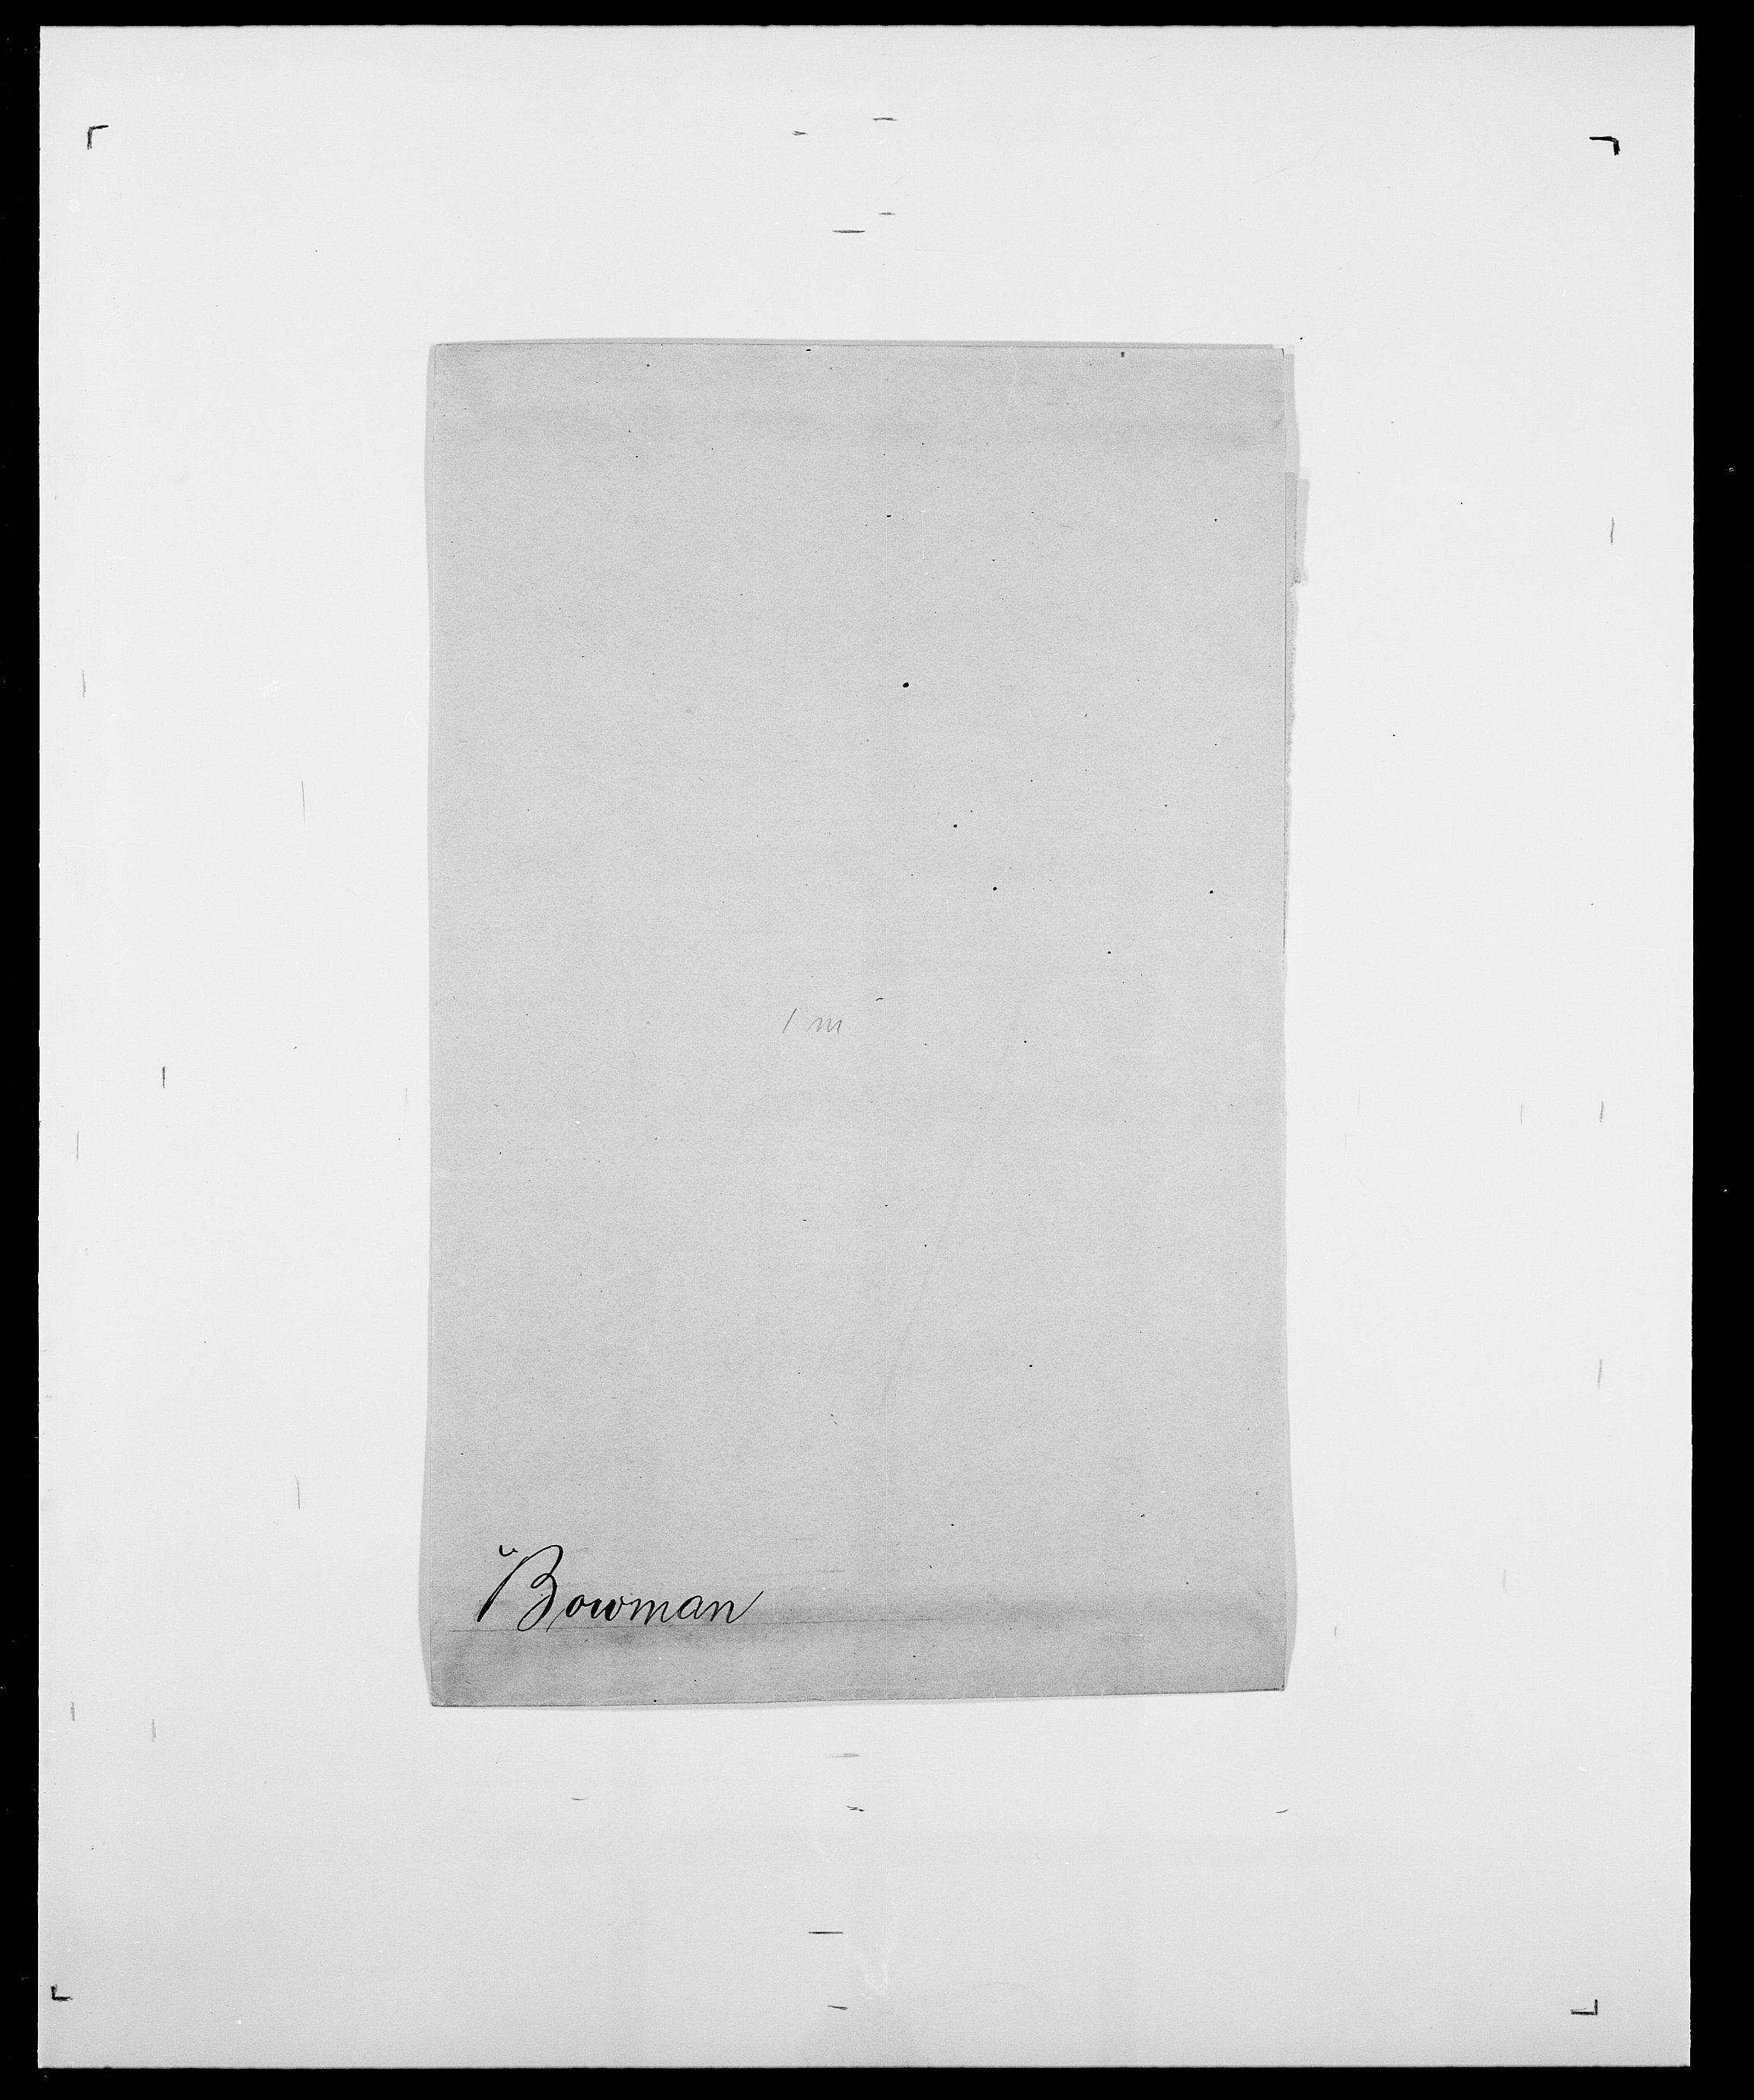 SAO, Delgobe, Charles Antoine - samling, D/Da/L0005: Boalth - Brahm, s. 365